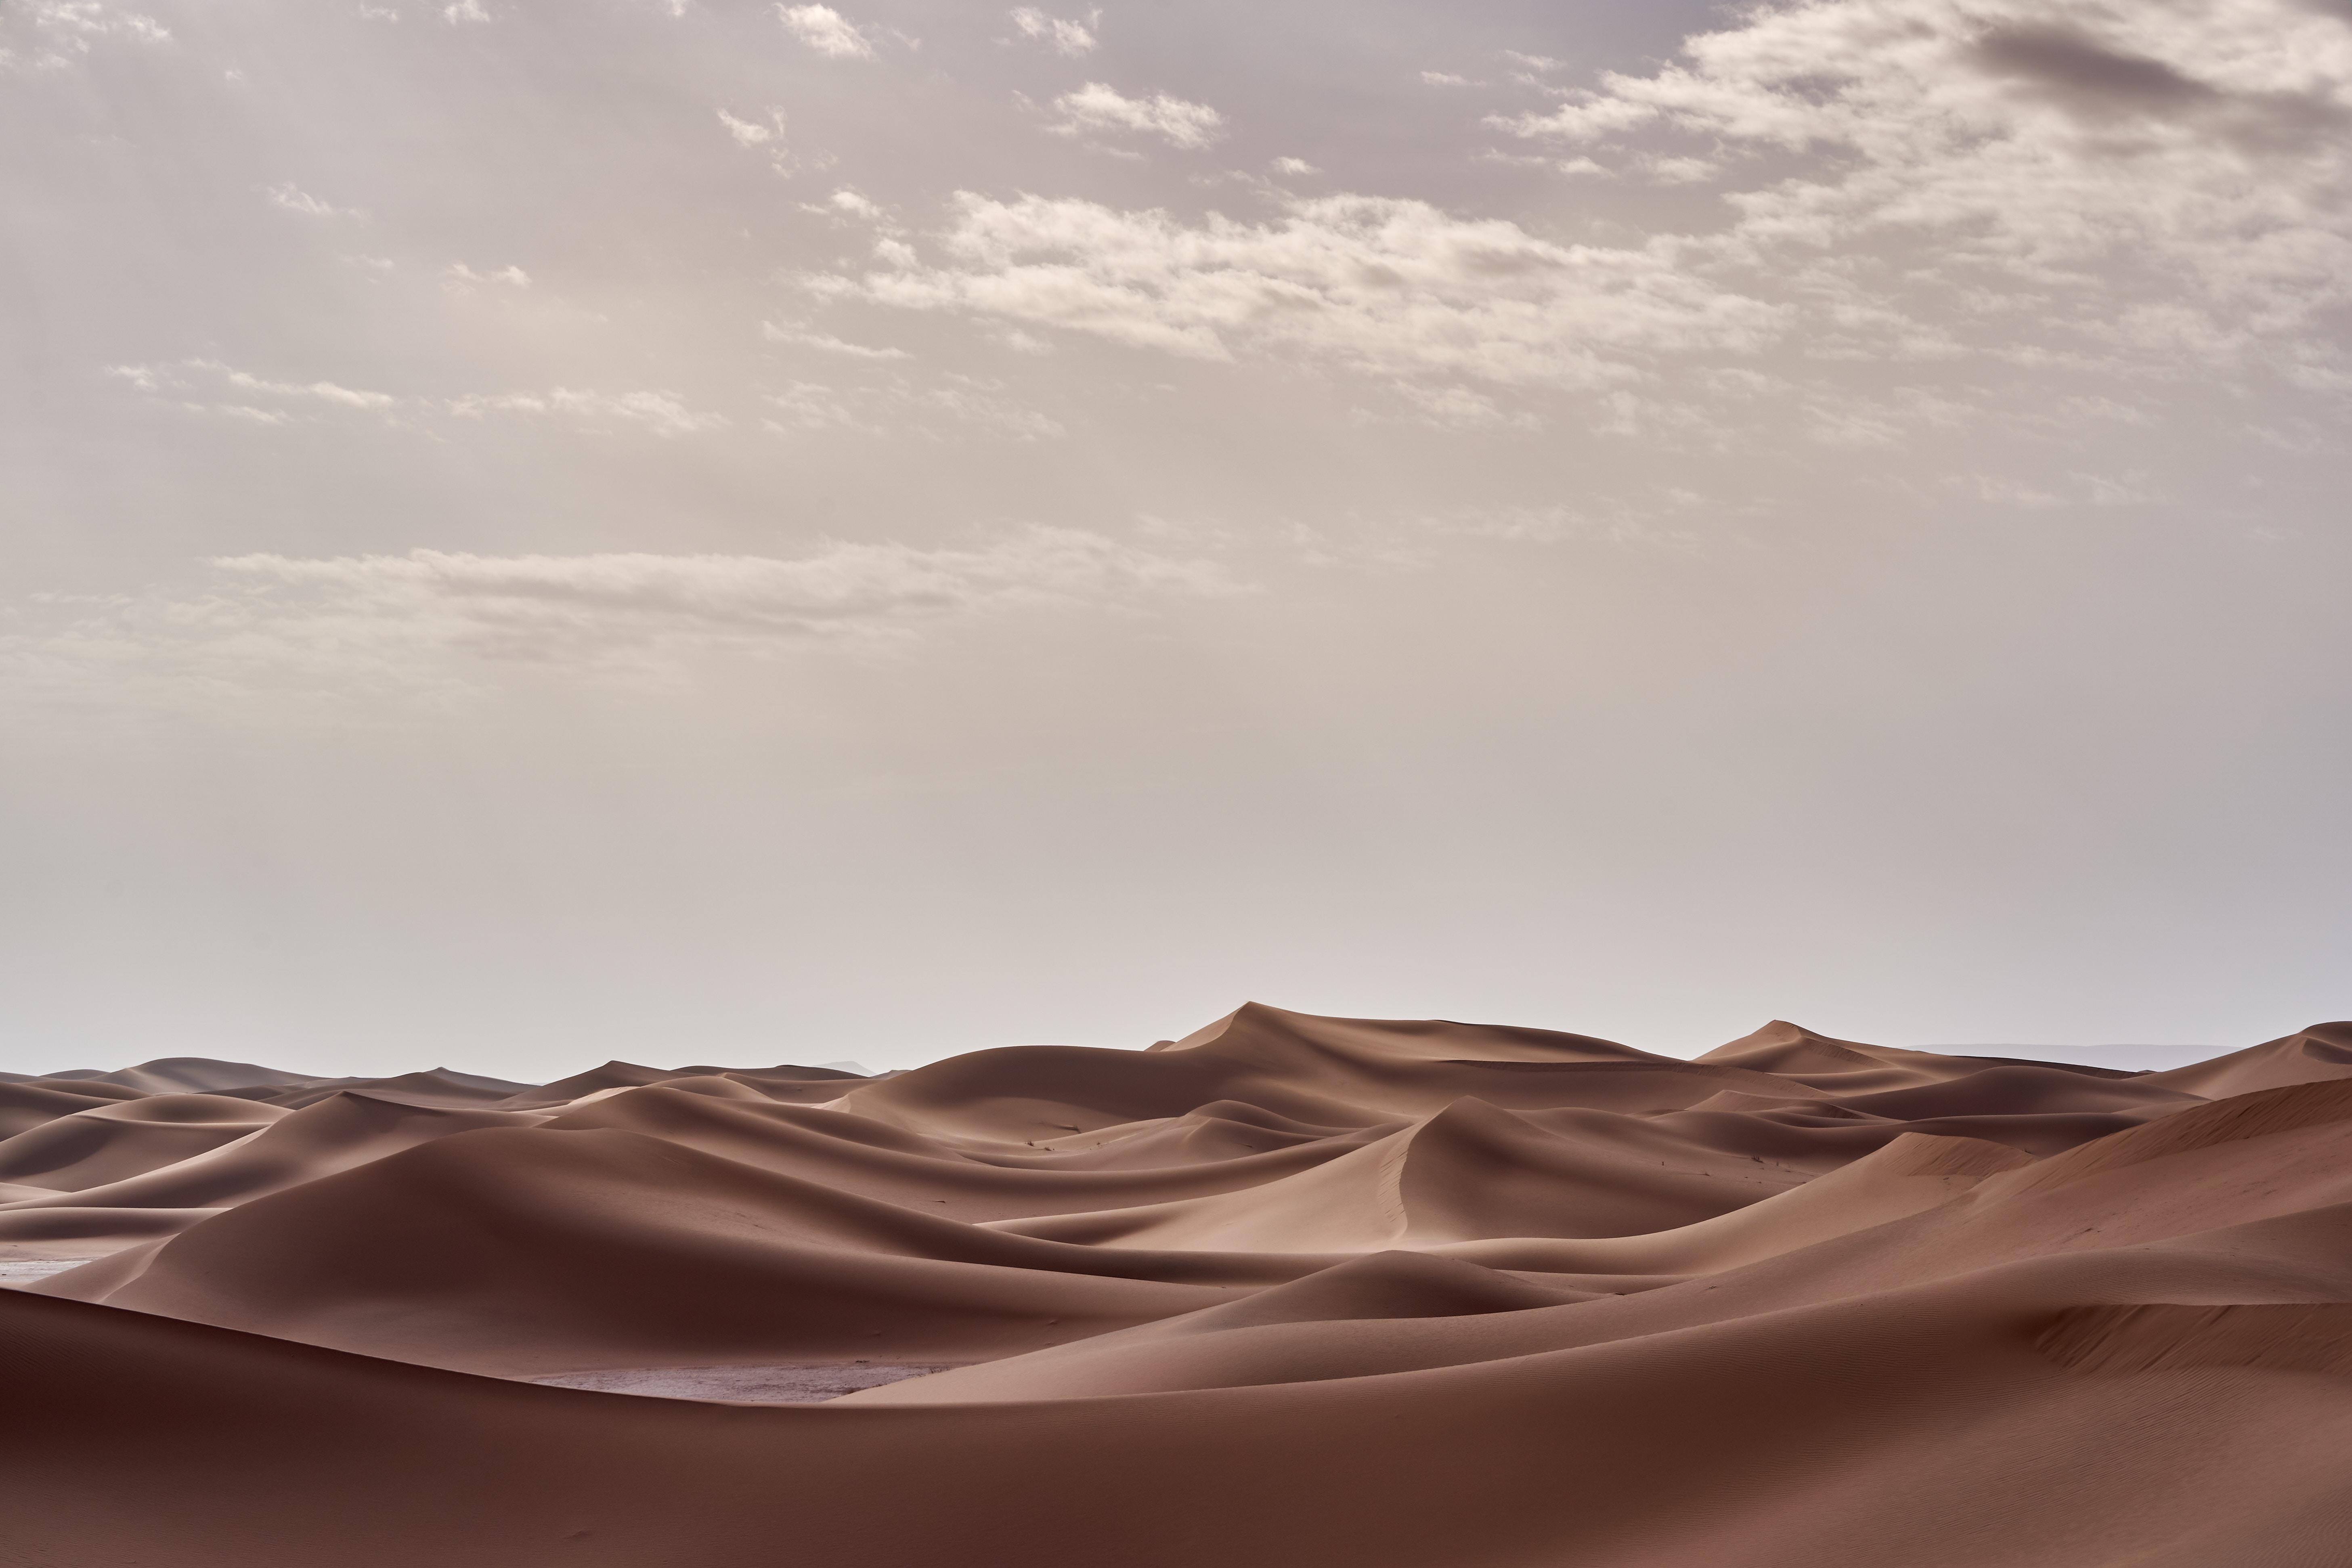 Desert Landscape Morning 4k, HD Nature, 4k Wallpapers ...